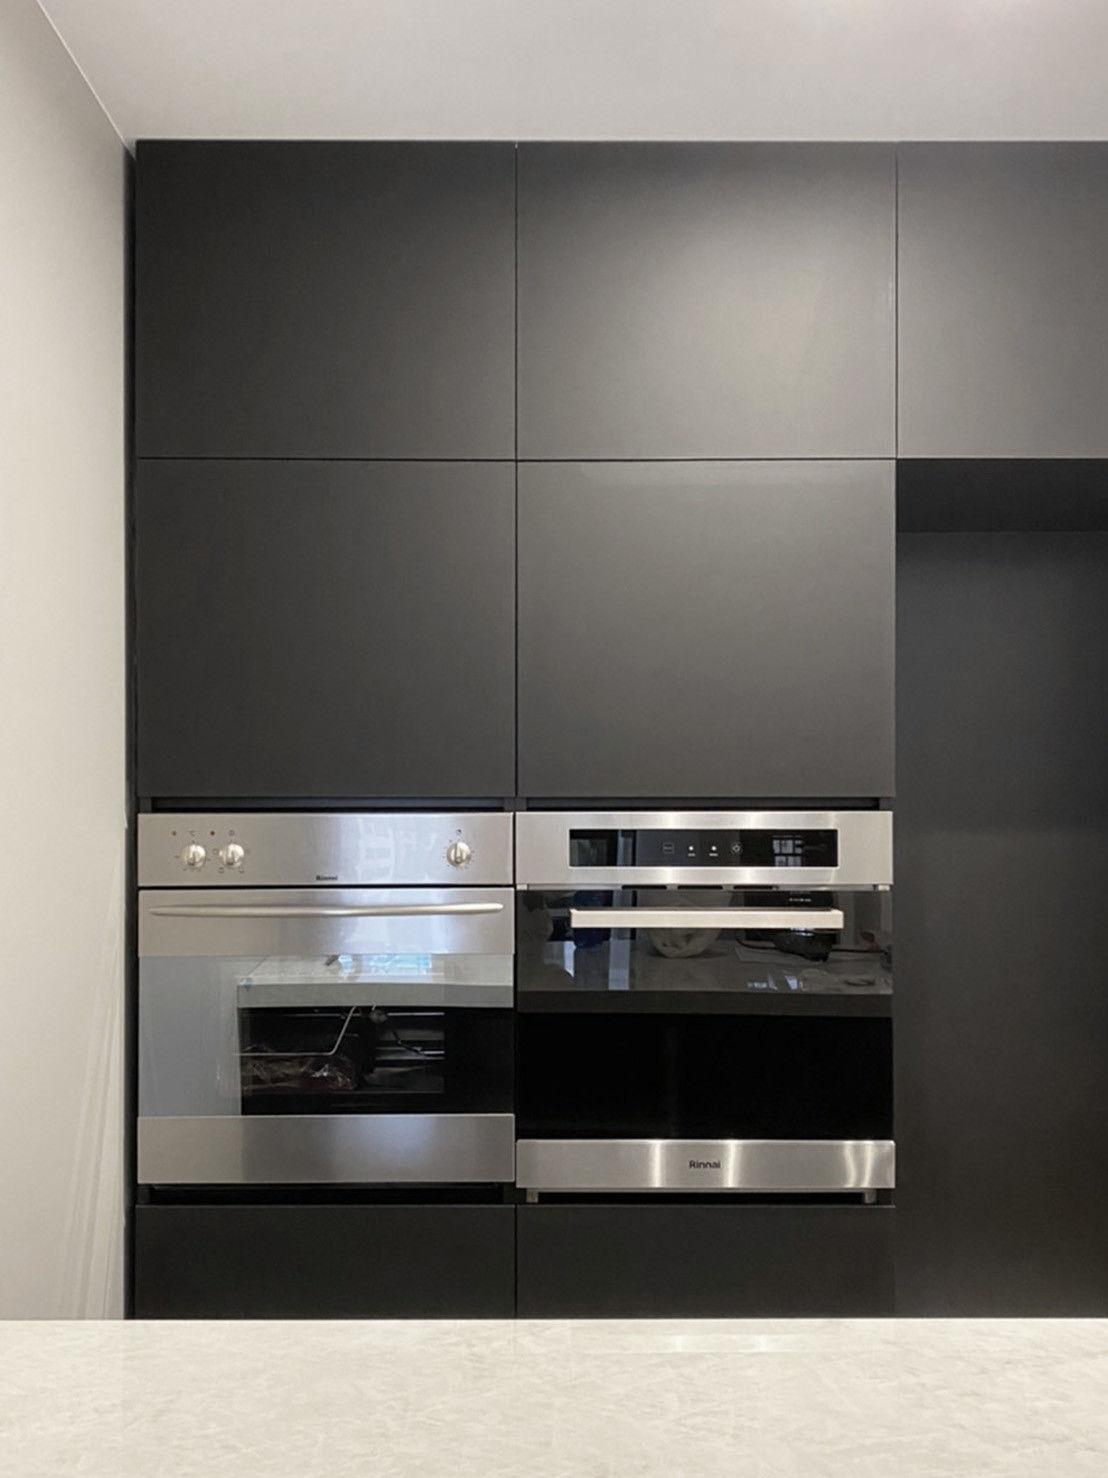 分子室內裝修設計-FENIX板材運用-智慧新科技-熱修復-輕食區電器櫃